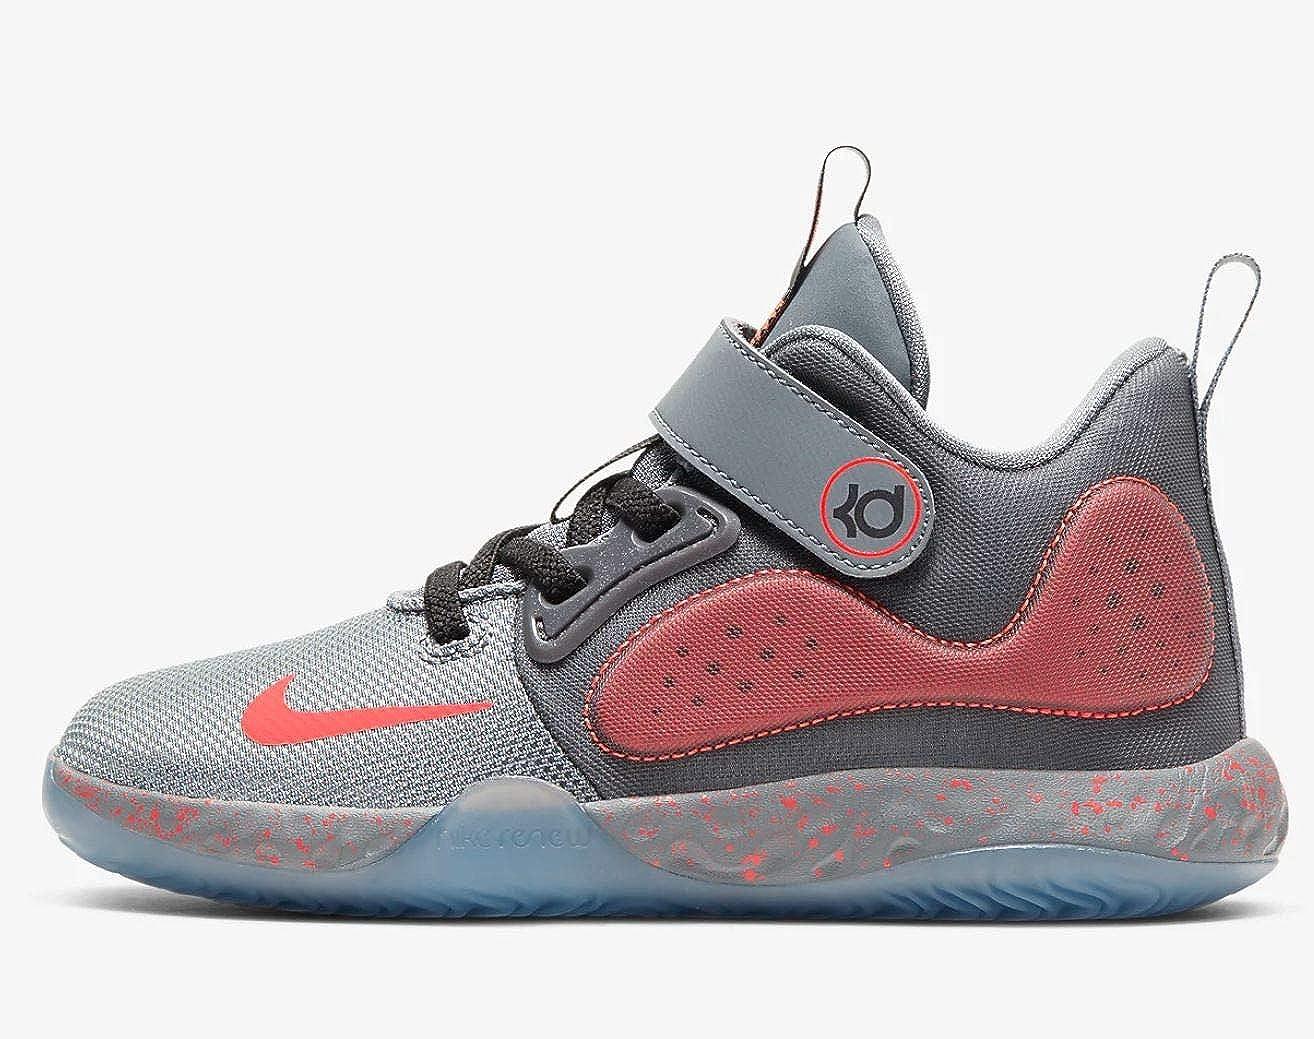 Nike Kd Trey 5 VII (ps) Little Kids